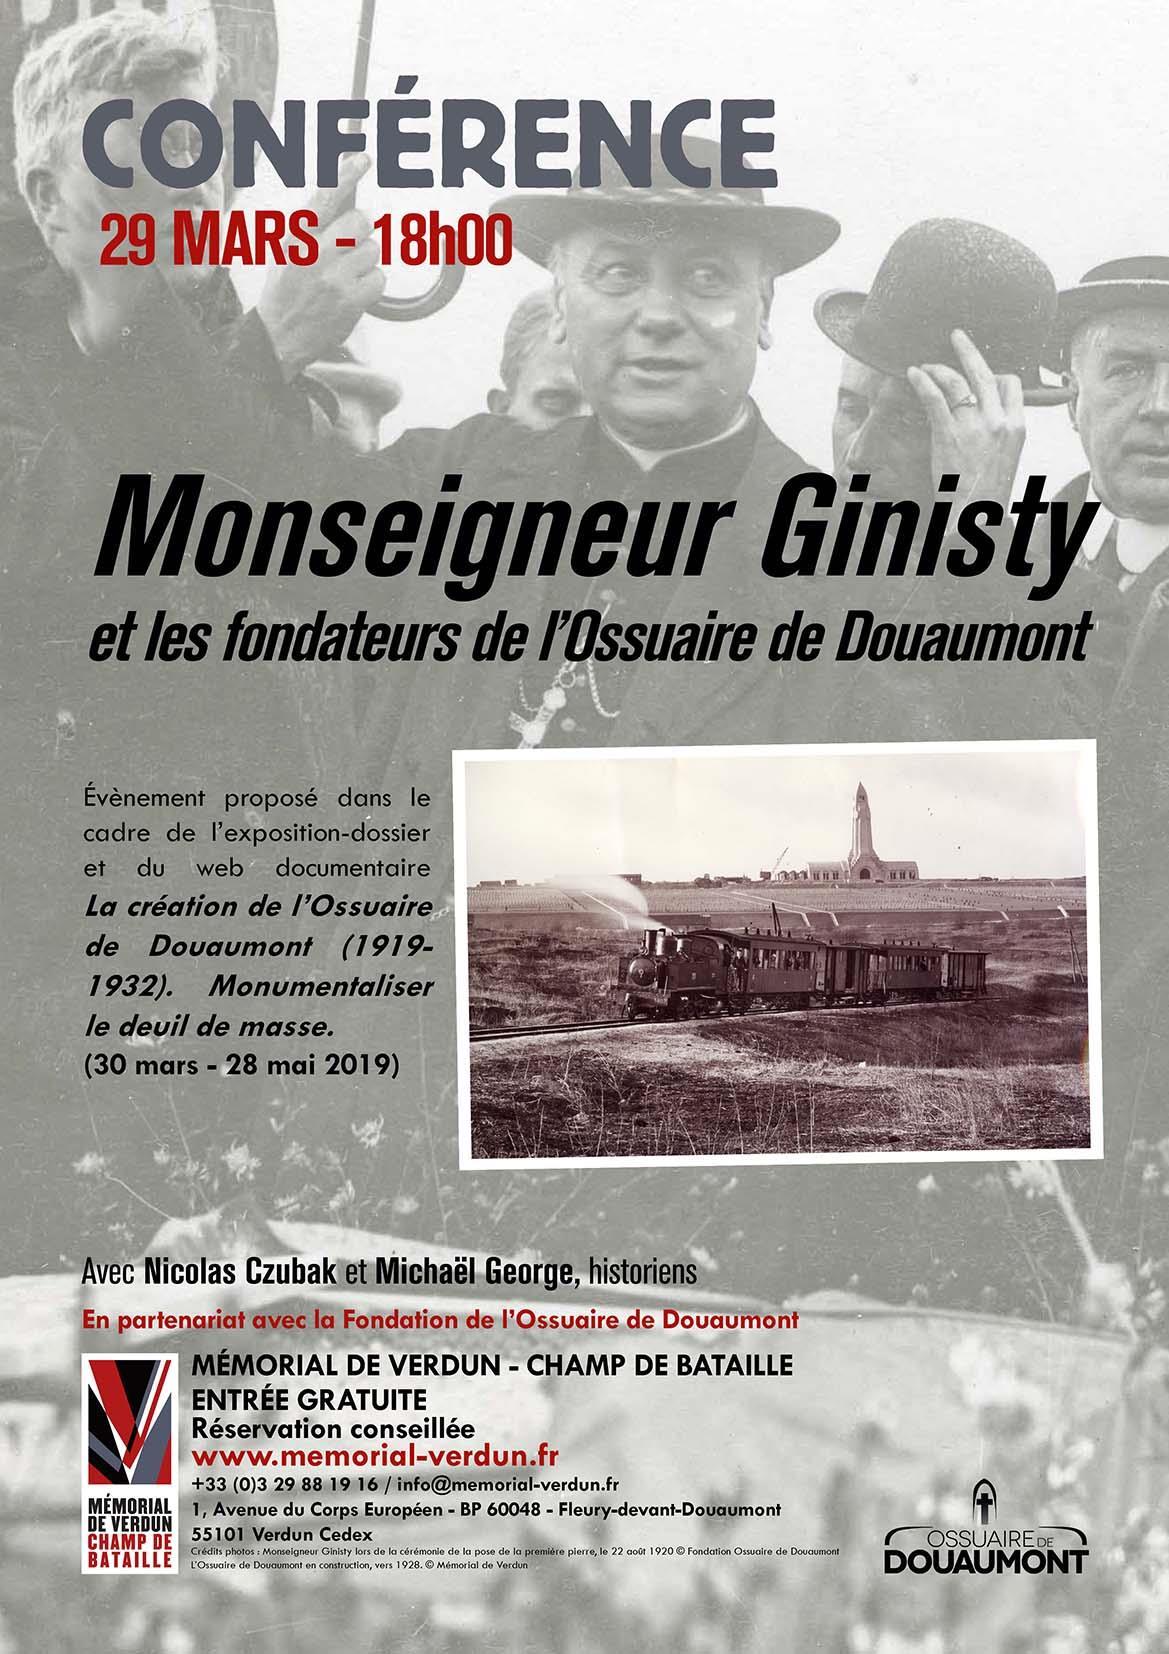 CONFÉRENCE |MONSEIGNEUR GINISTY ET LES FONDATEURS DE L'OSSUAIRE DE DOUAUMONT